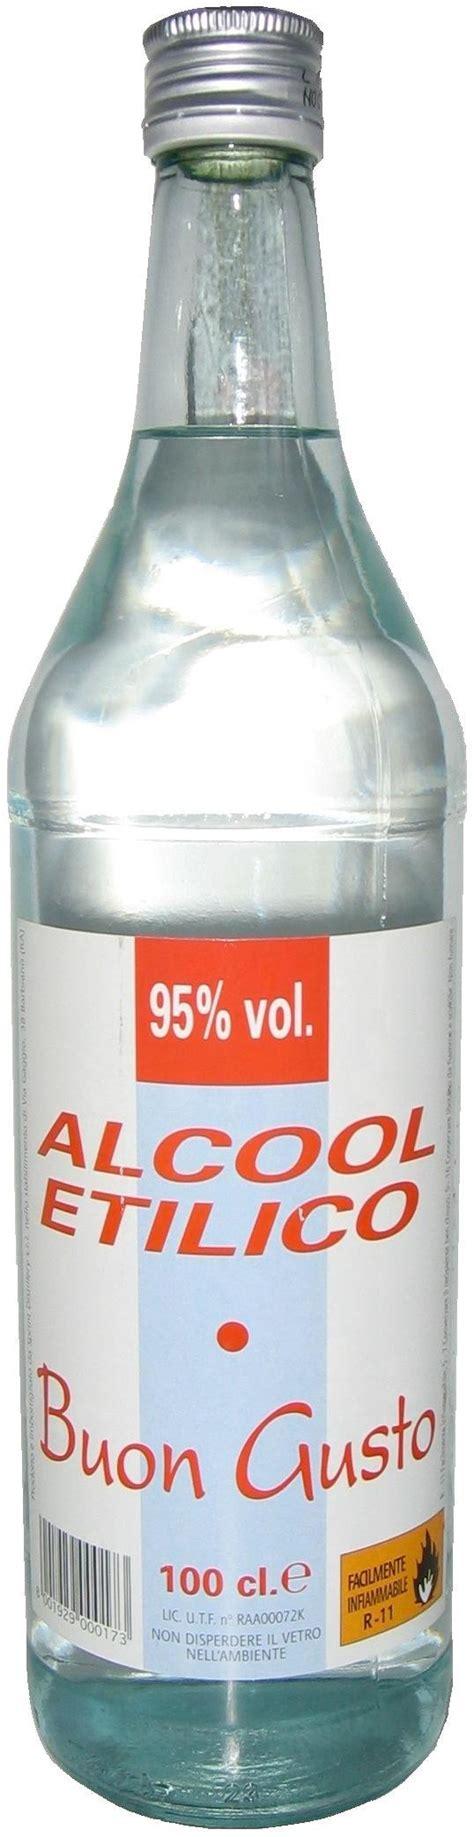 alcool etilico per alimenti etanolo alcool etilico